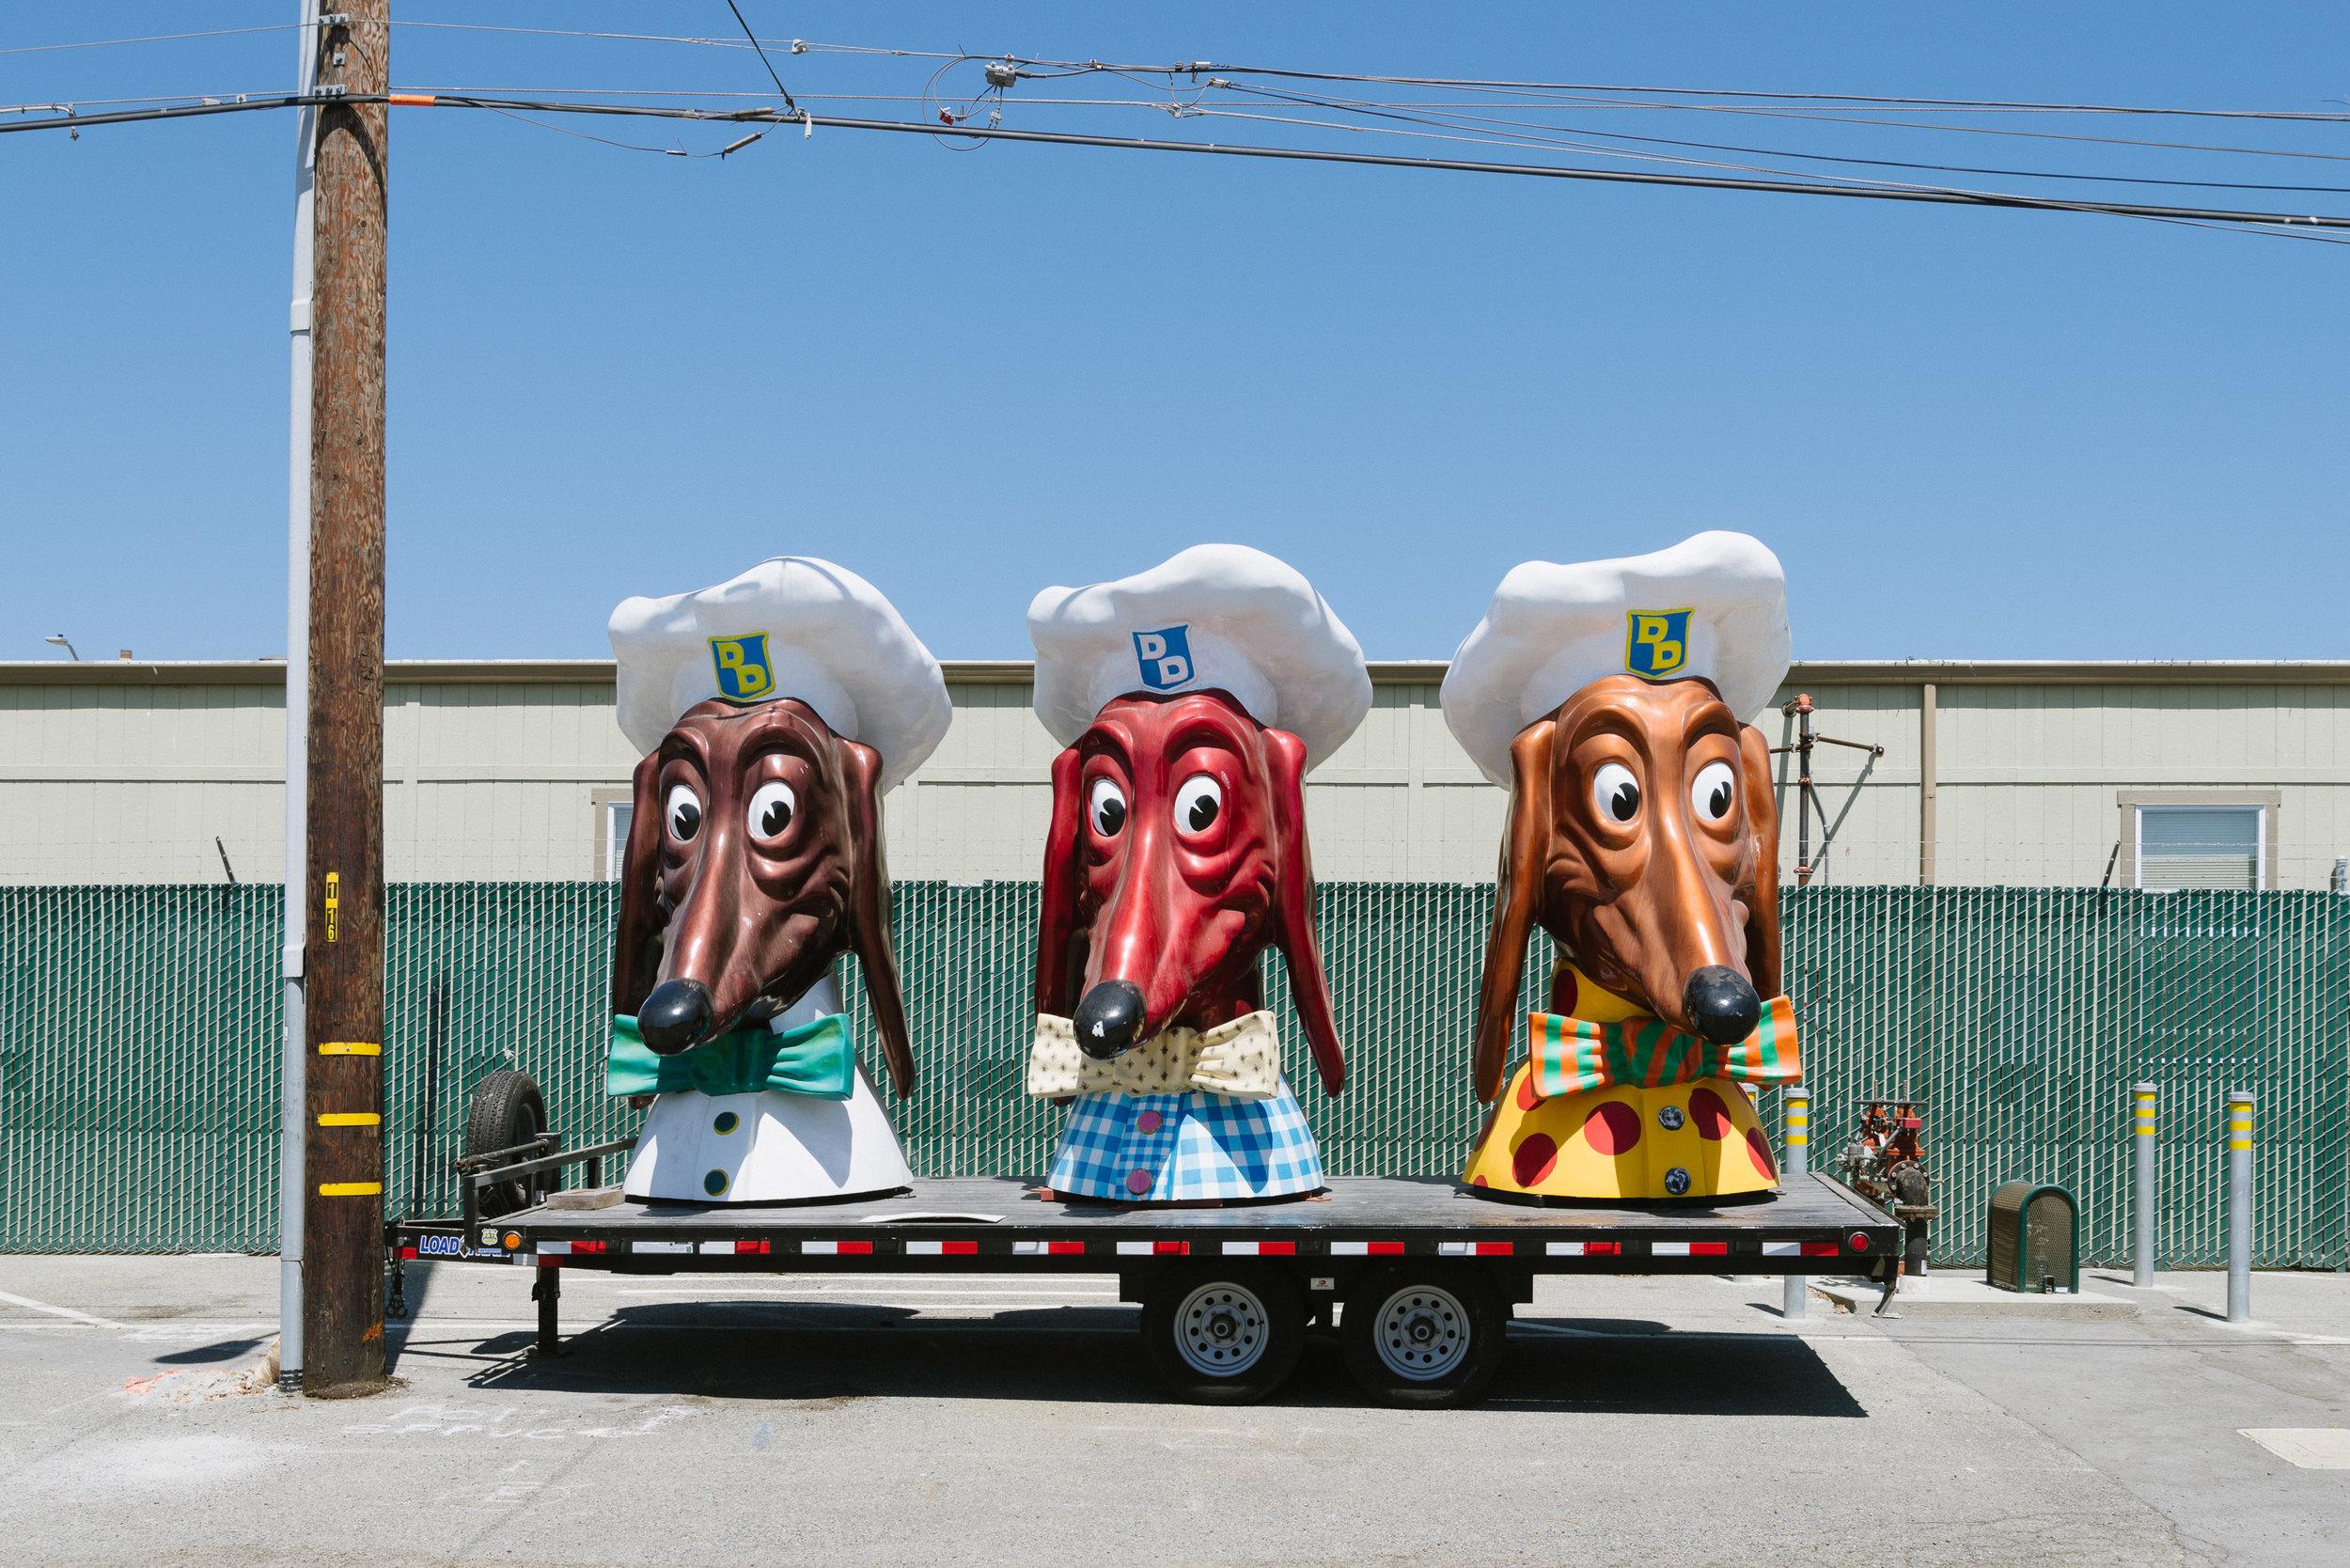 Manny, Moe & Jack